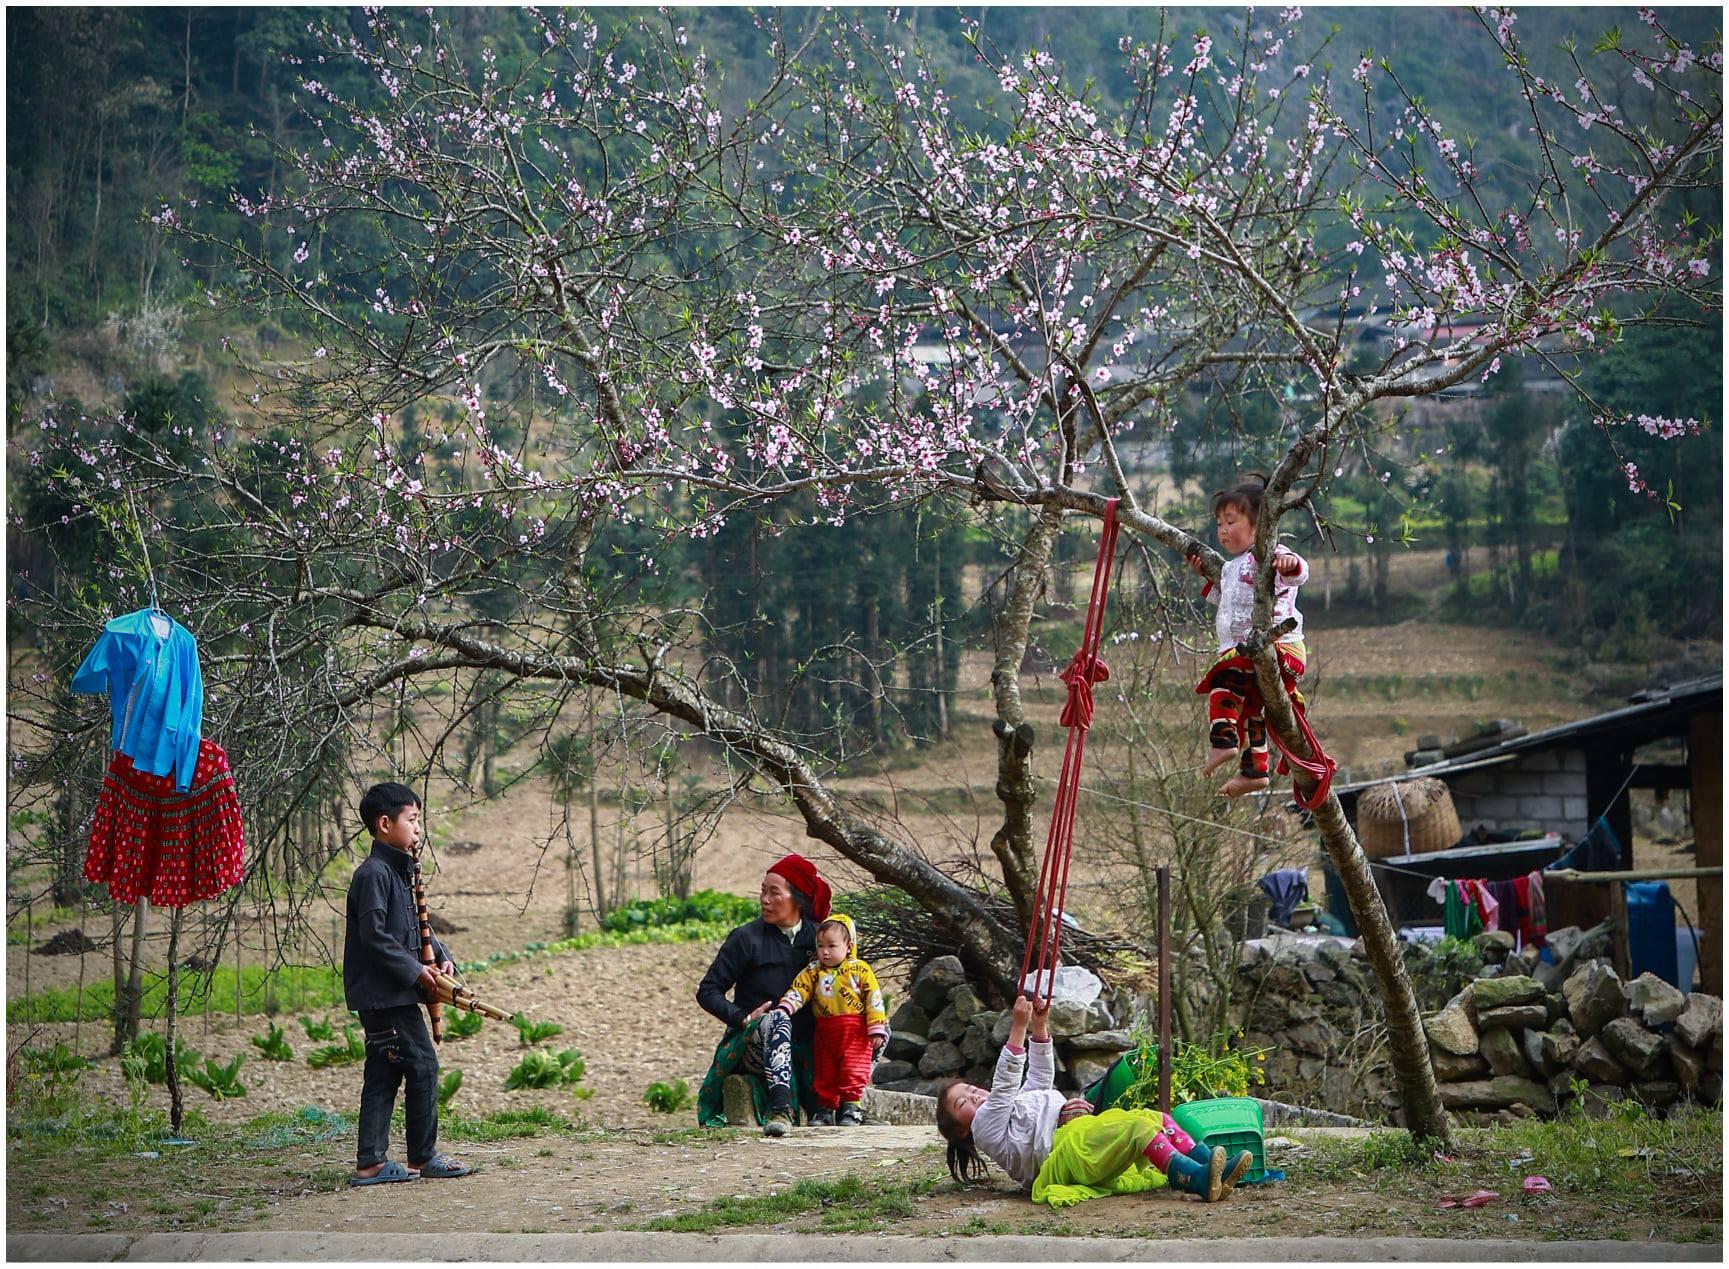 Xuân về trên Hà Giang – Đừng bỏ lỡ điều thú vị khi du lịch Hà Giang tháng 3